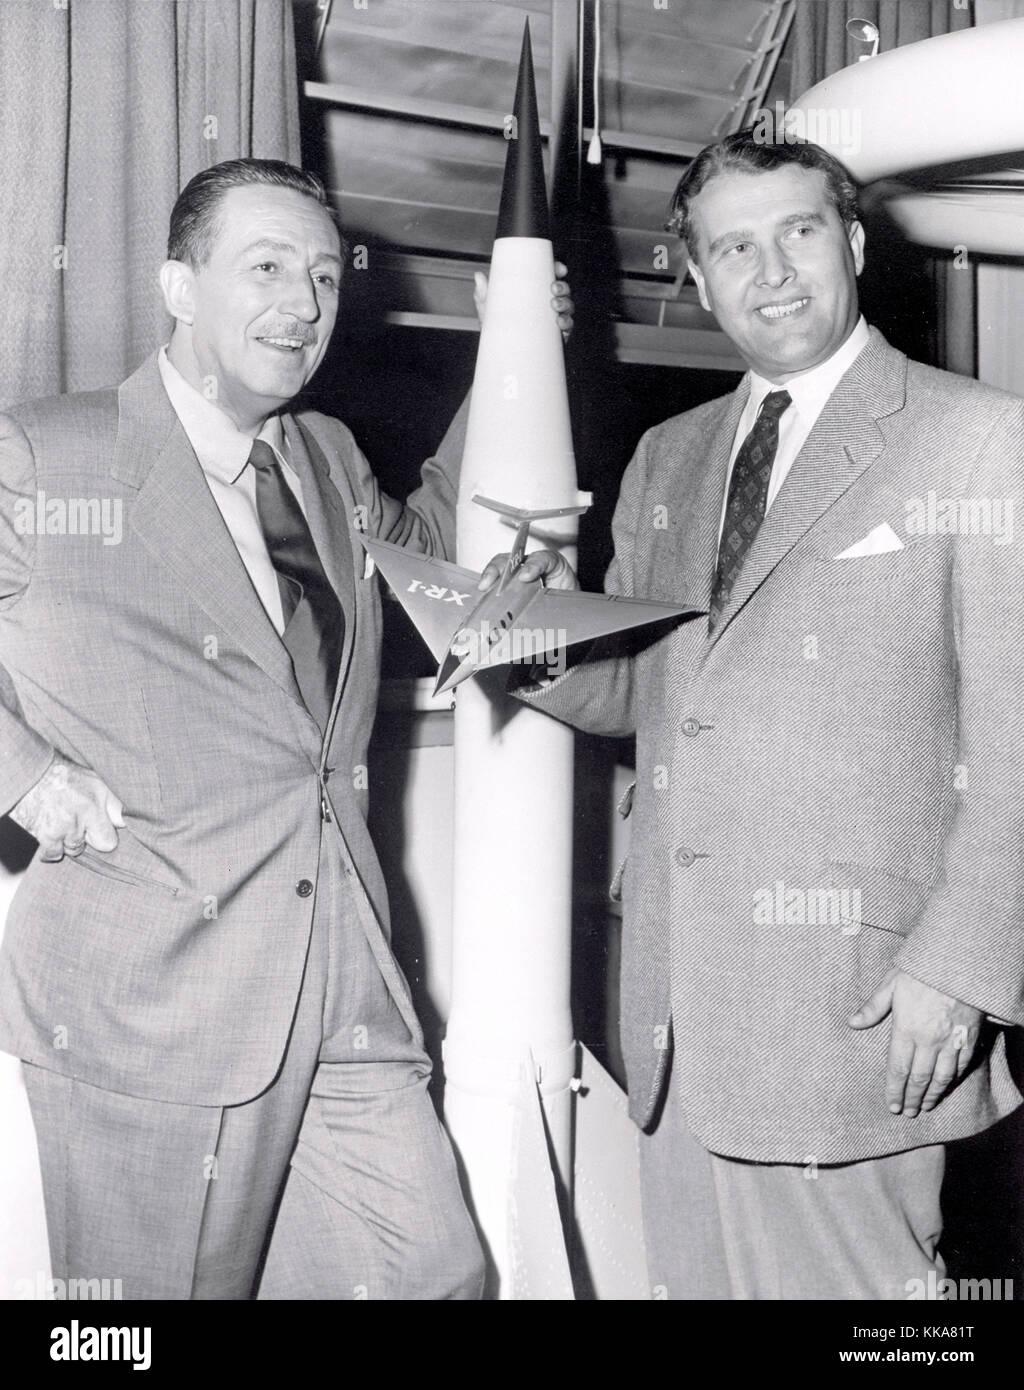 Walt disney, gauche et Wernher von Braun. magnus maximilian Freiherr von Braun, dr Wernher von Braun, l'allemand, plus tard, les Américains, ingénieur en aérospatiale et de l'espace architecte crédité pour avoir inventé la v2 pour l'Allemagne nazie et la saturn v pour la united states Banque D'Images